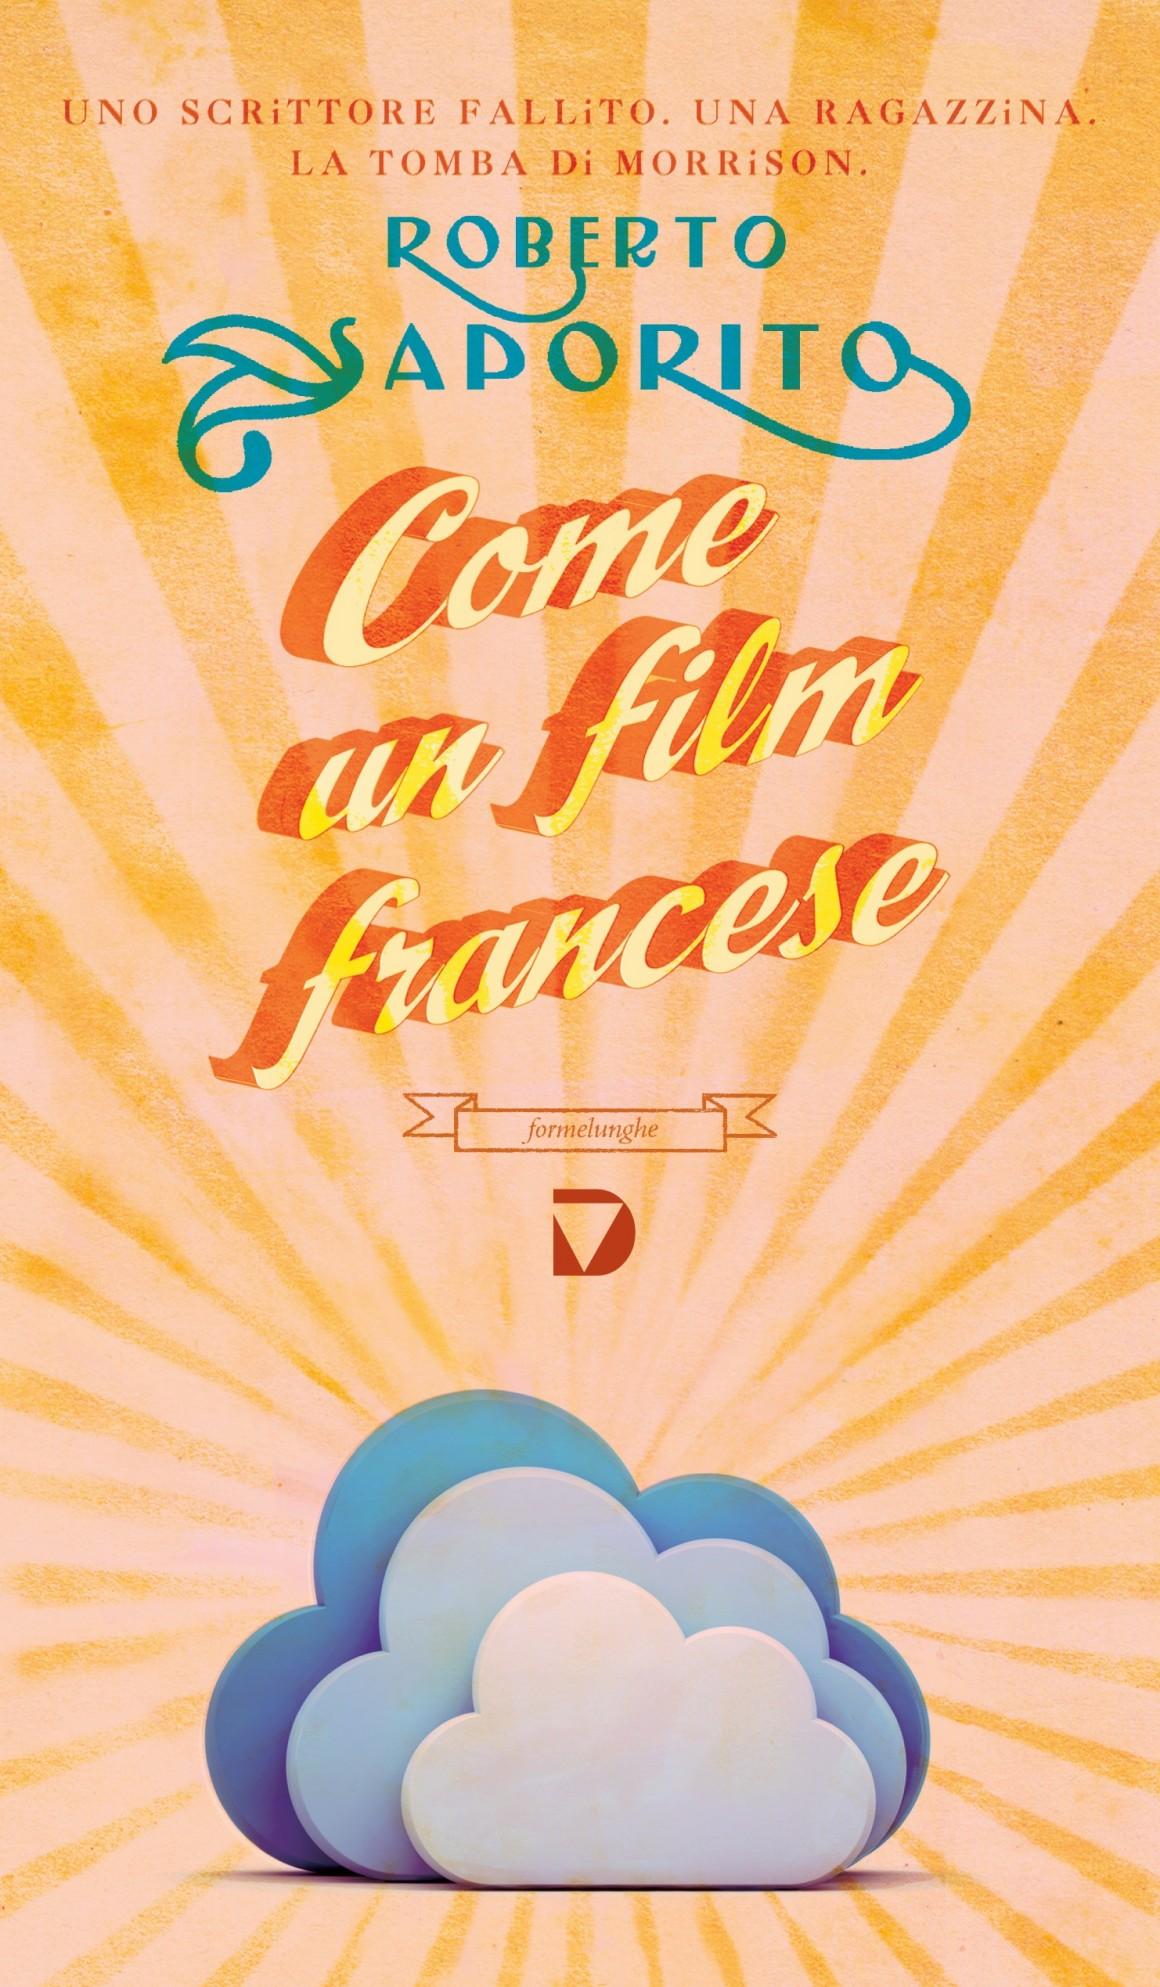 Come un film francese